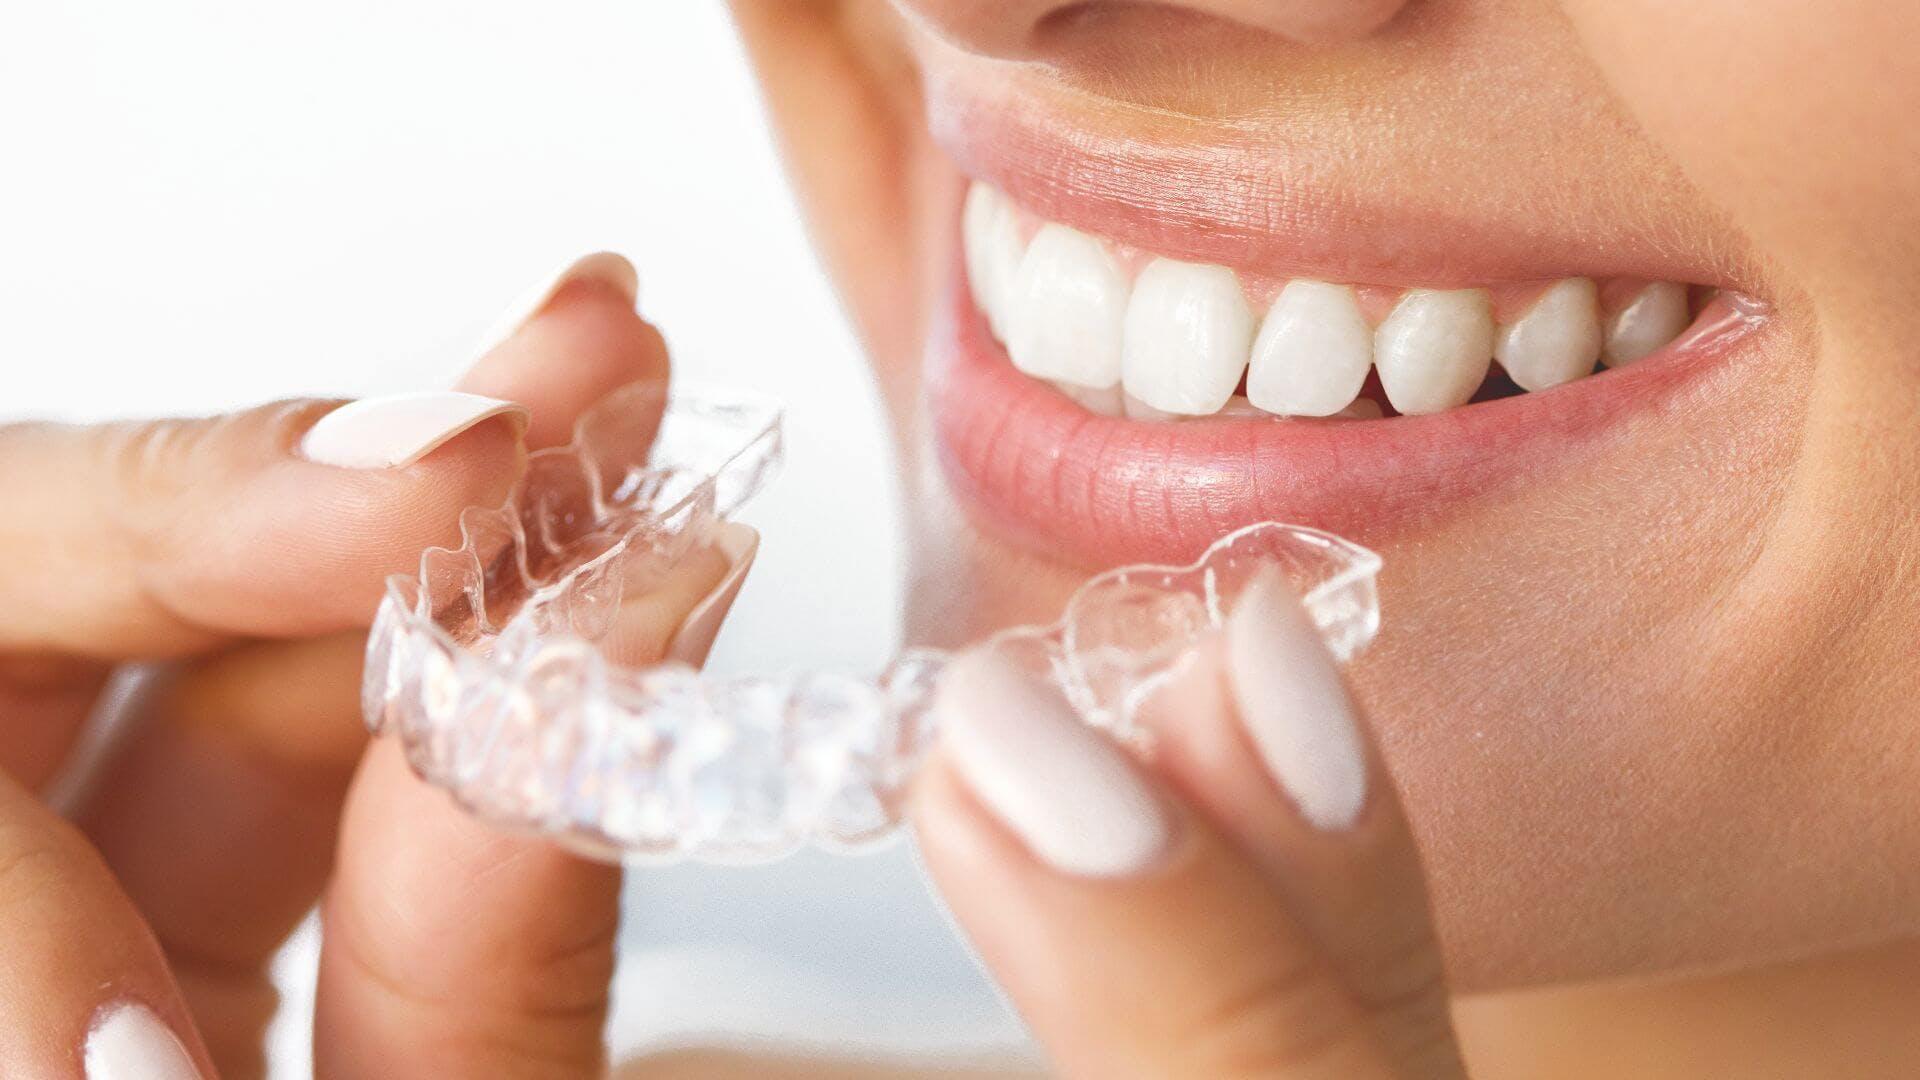 Mujer colocándose un retenedor en la boca